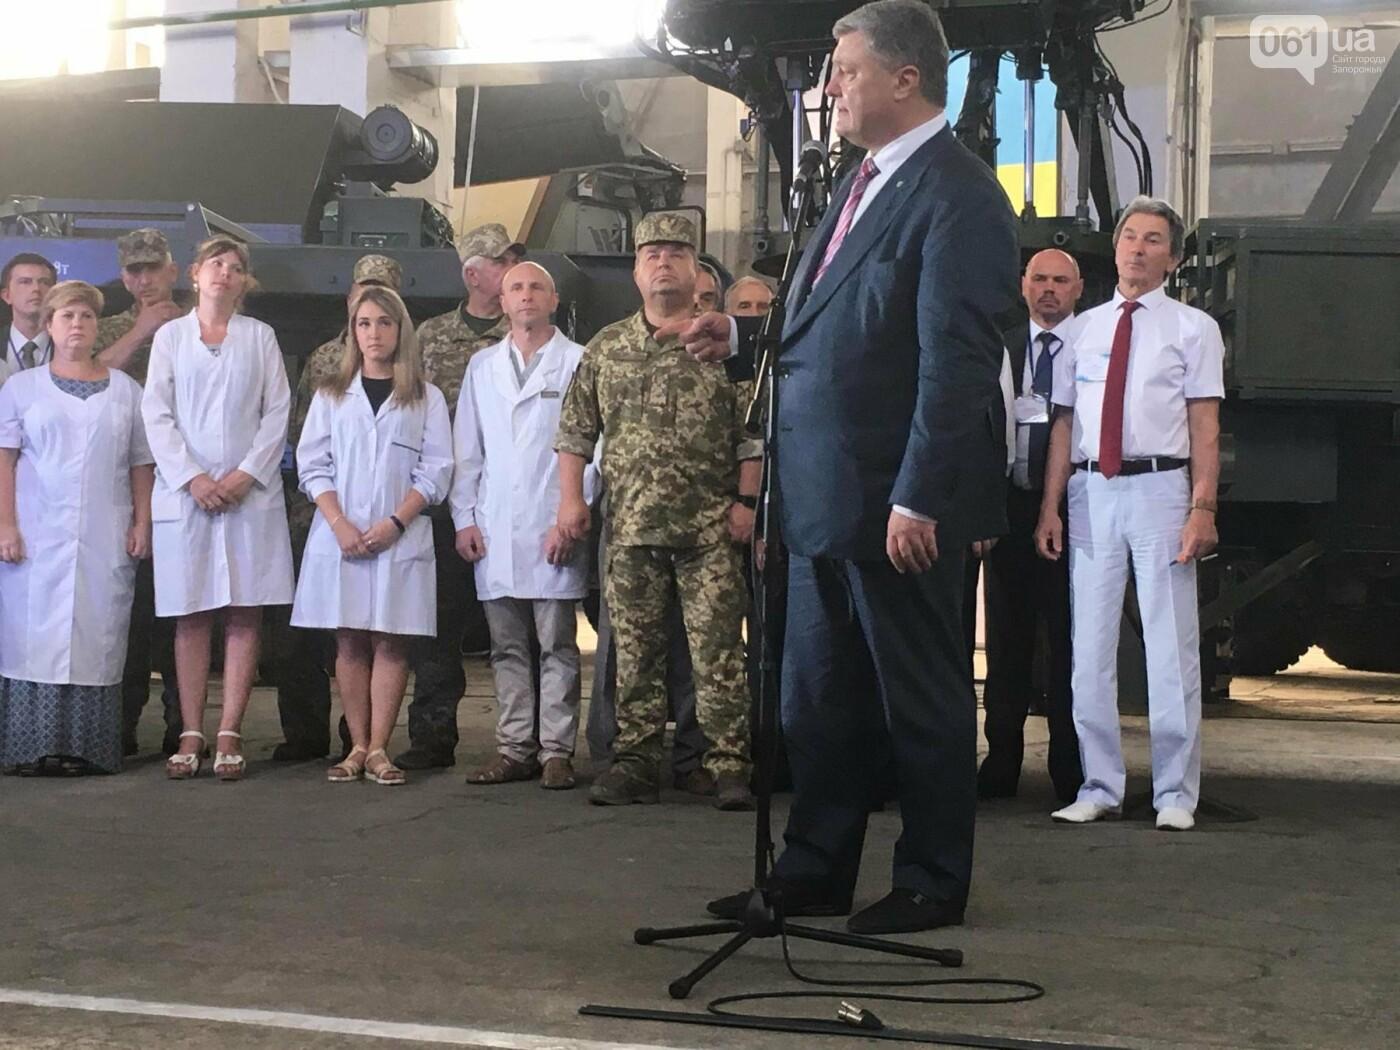 """Порошенко на заводе """"Искра"""" передал военным сертификаты на радиолокационные станции, - ФОТО, фото-1"""